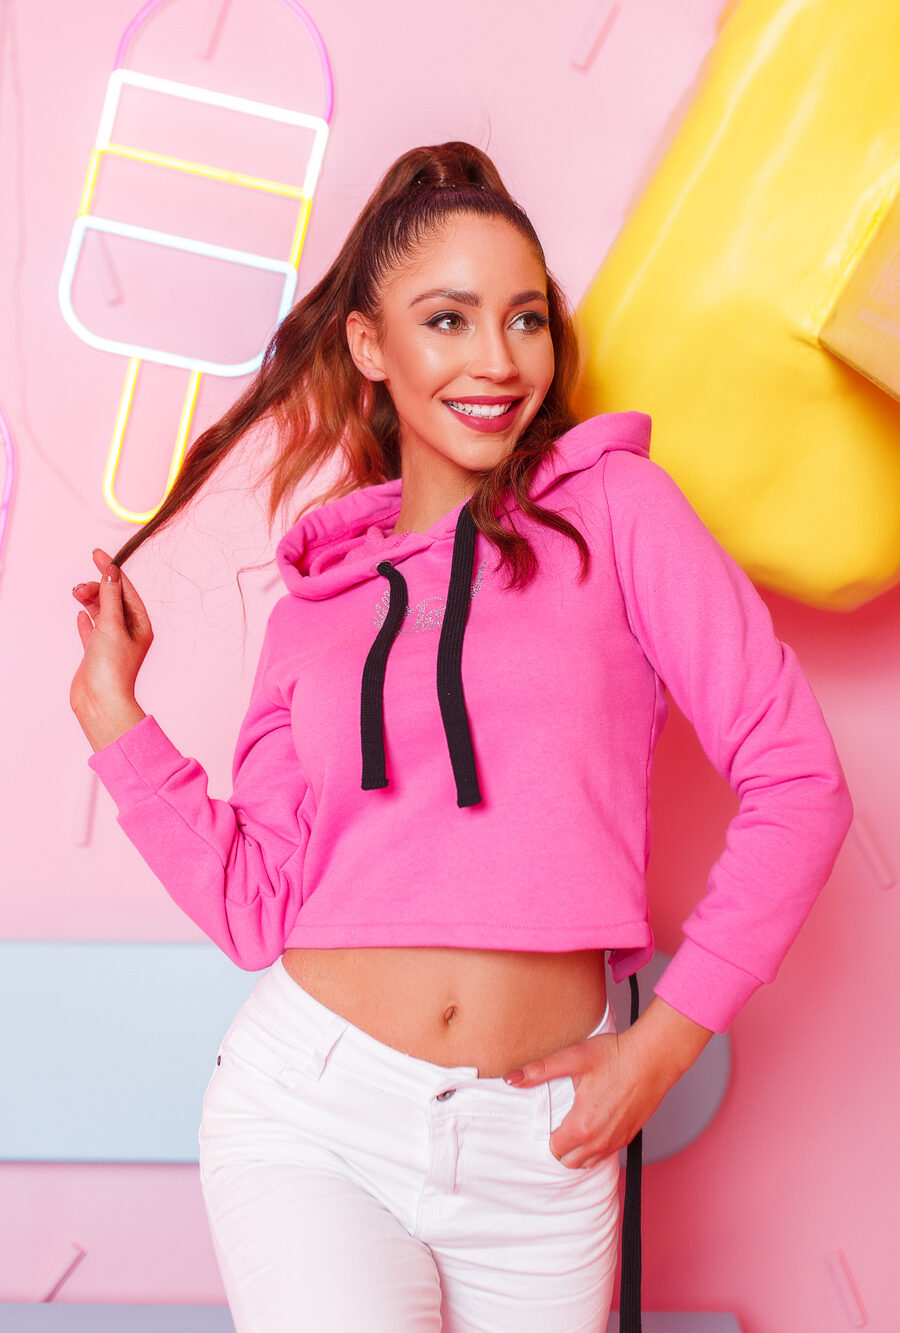 krotka bluza damska z cyrkoniami wiazana z tylu roz (1)